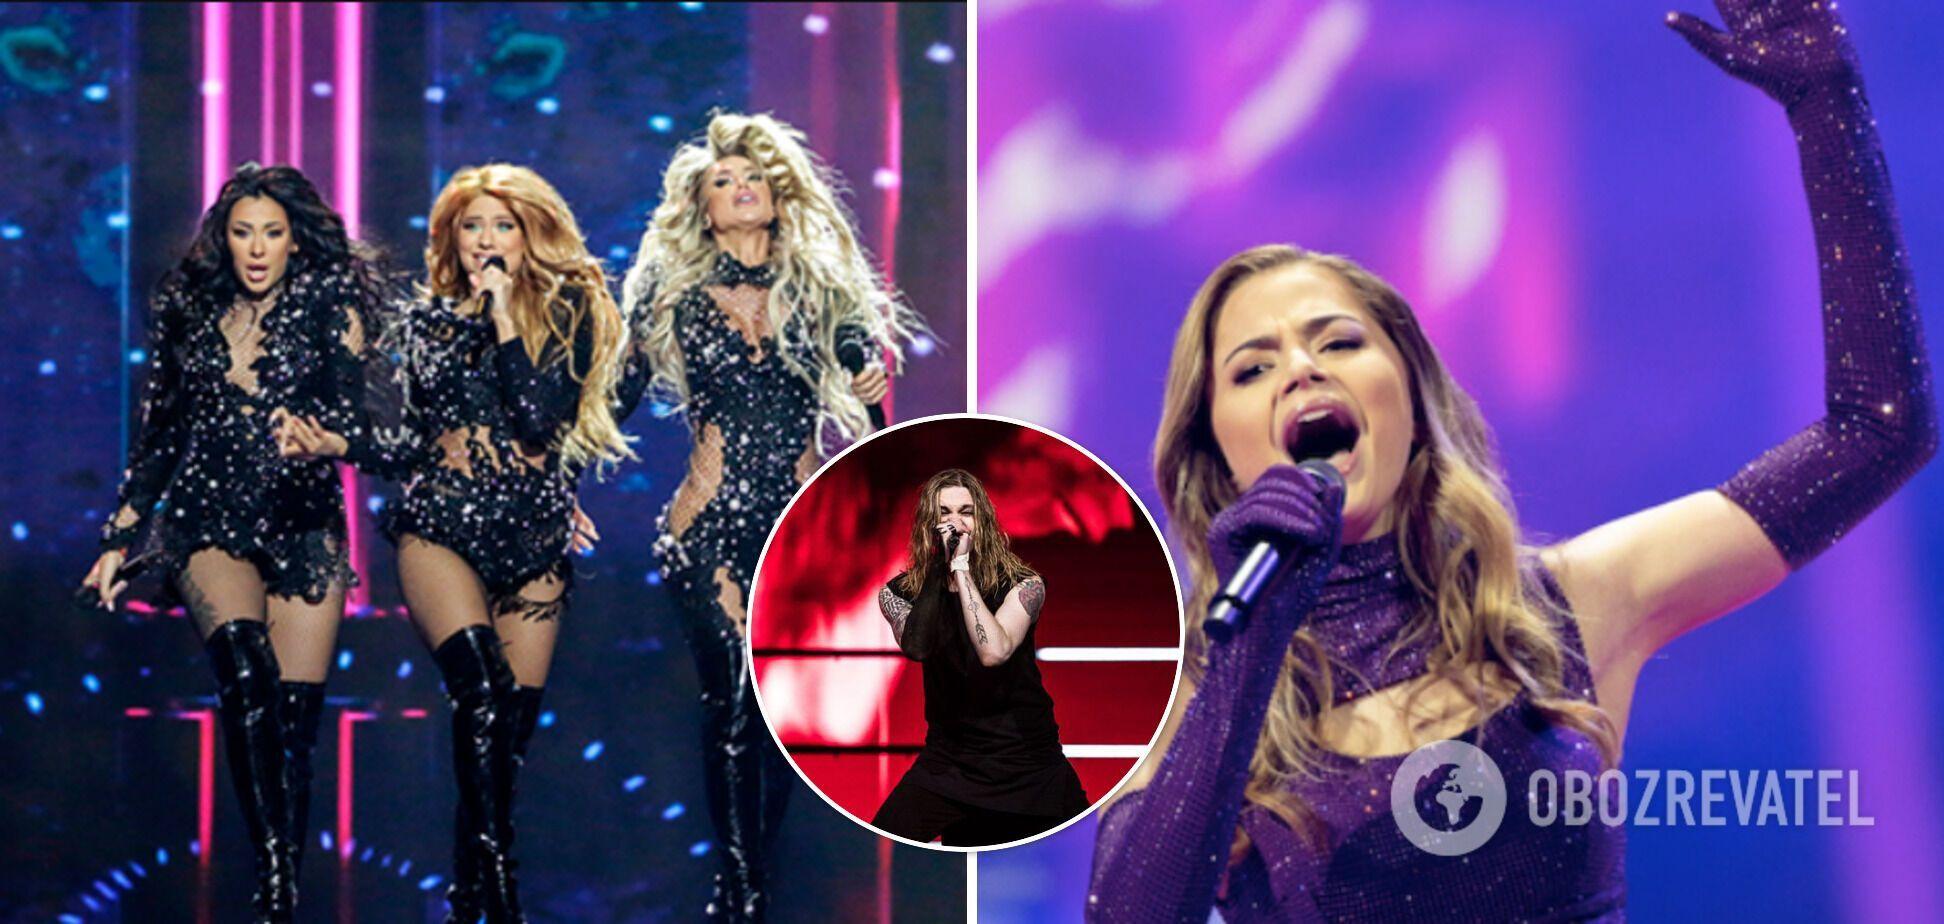 Топ-3 выступления на Евровидении 2021, которые бьют рекорды